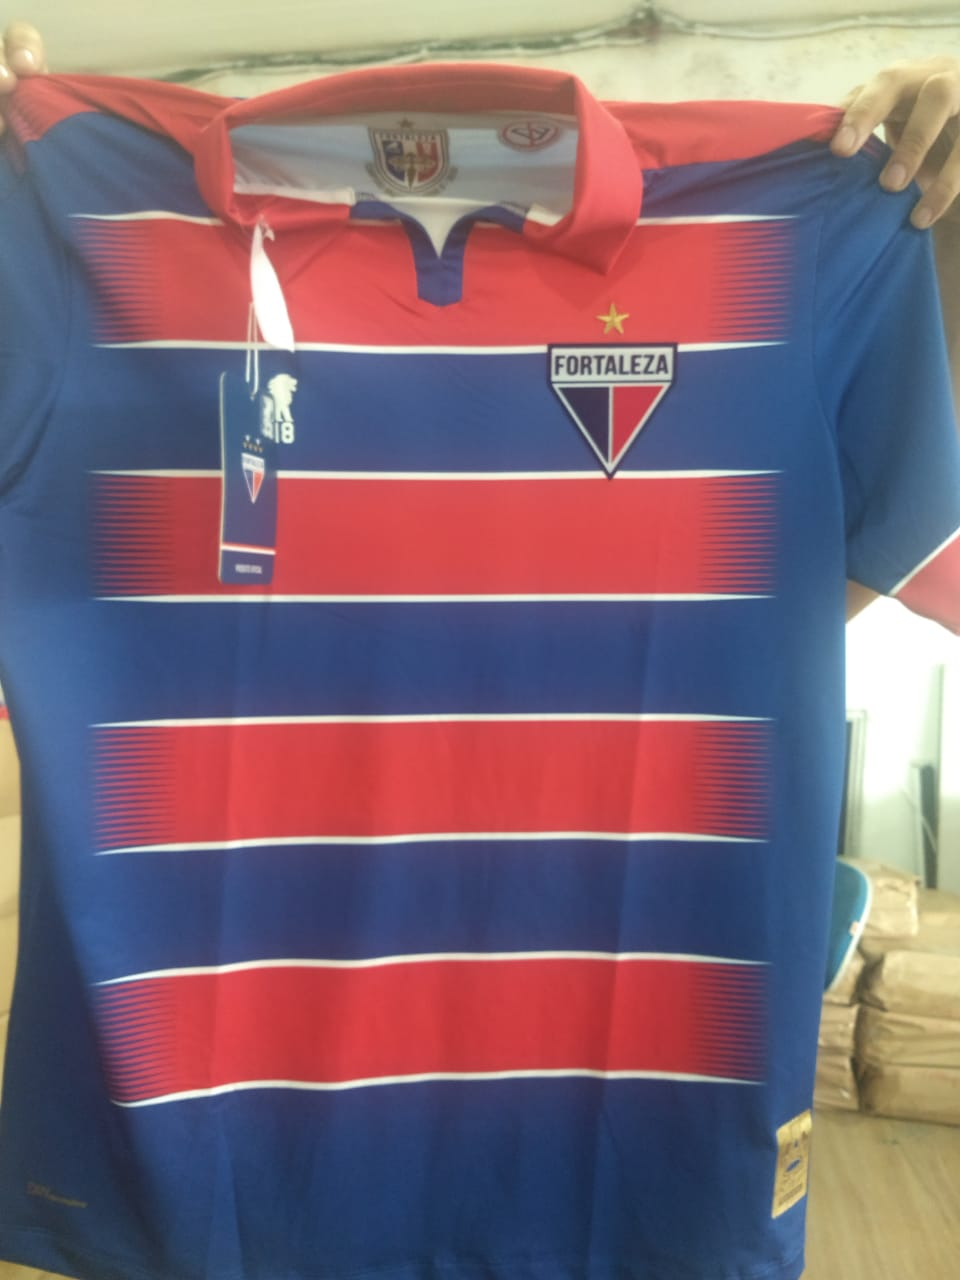 178bc51c5 Blog Investe CE divulga em primeira mão as novas camisas do Fortaleza  Esporte clube